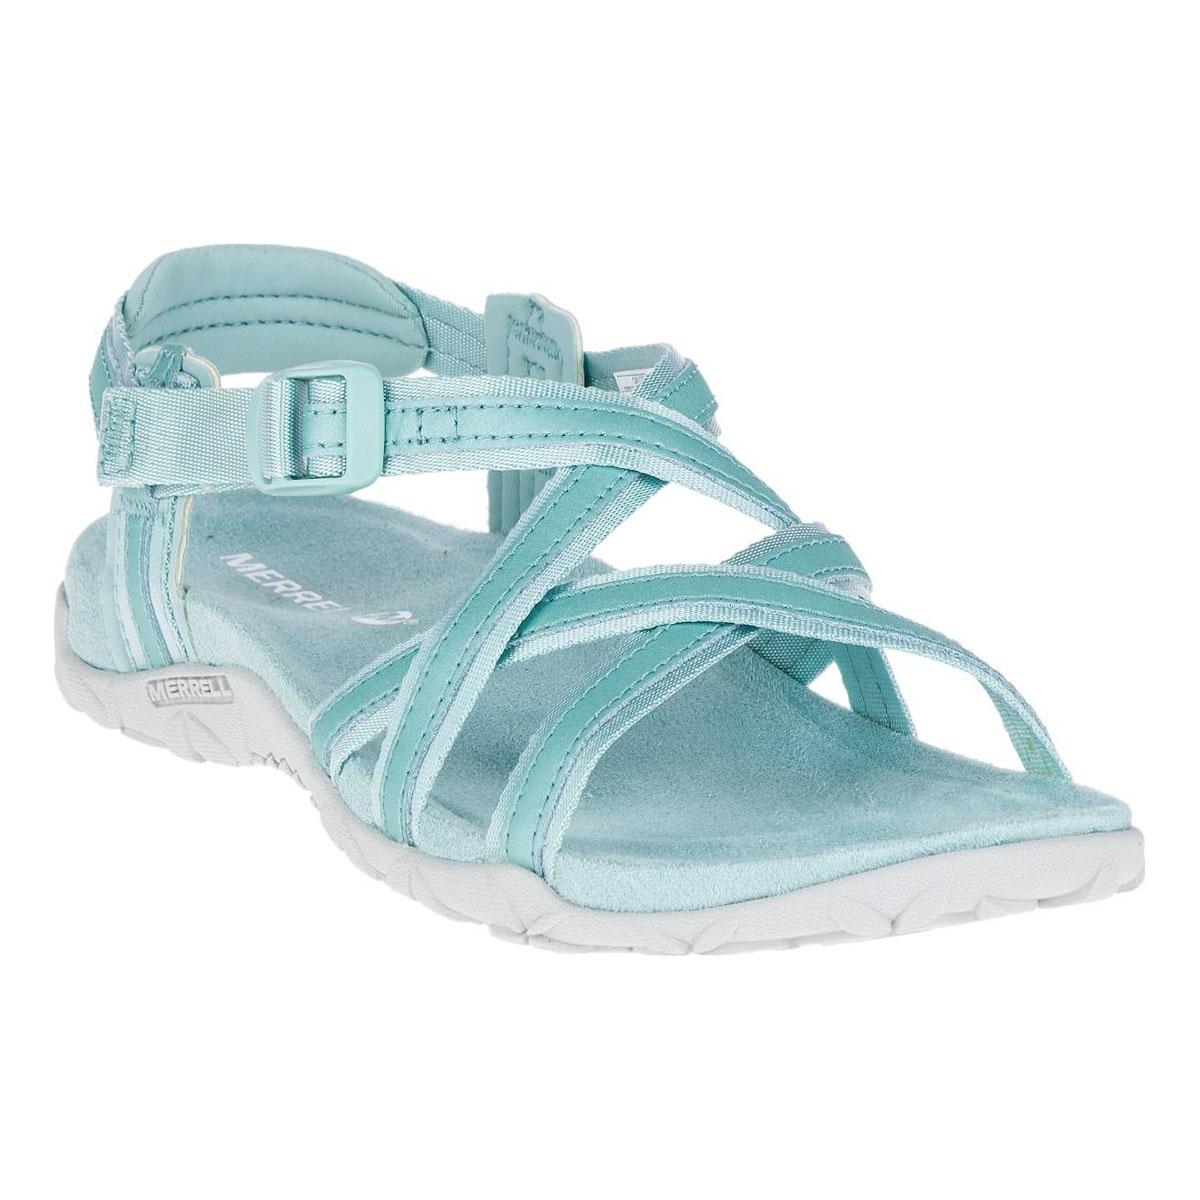 9b465a7584a9 ... Image of Merrell Terran Ari Lattice Sandals (Women s) - Aquifer